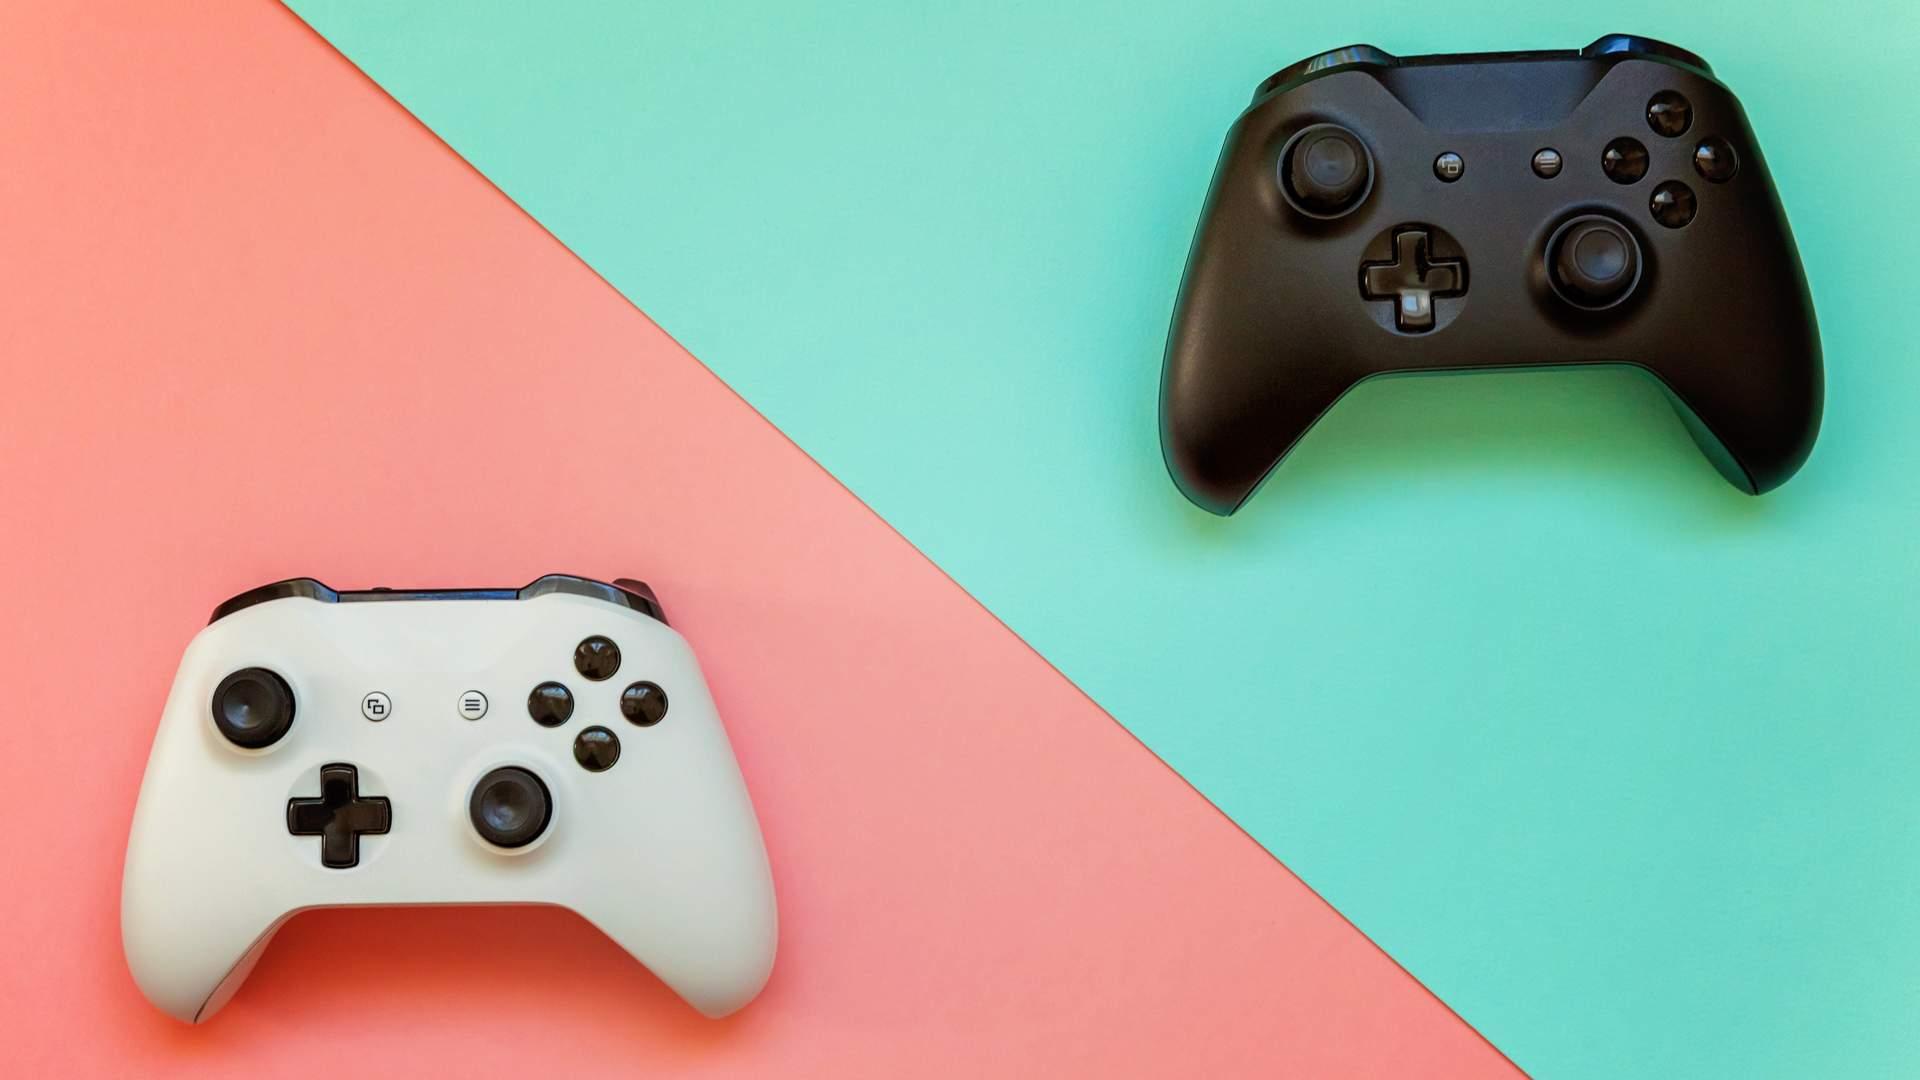 Um controle branco sobre fundo rosa no canto inferior esquerdo e um controle de videogame preto sobre fundo verde no canto superior direito da imagem